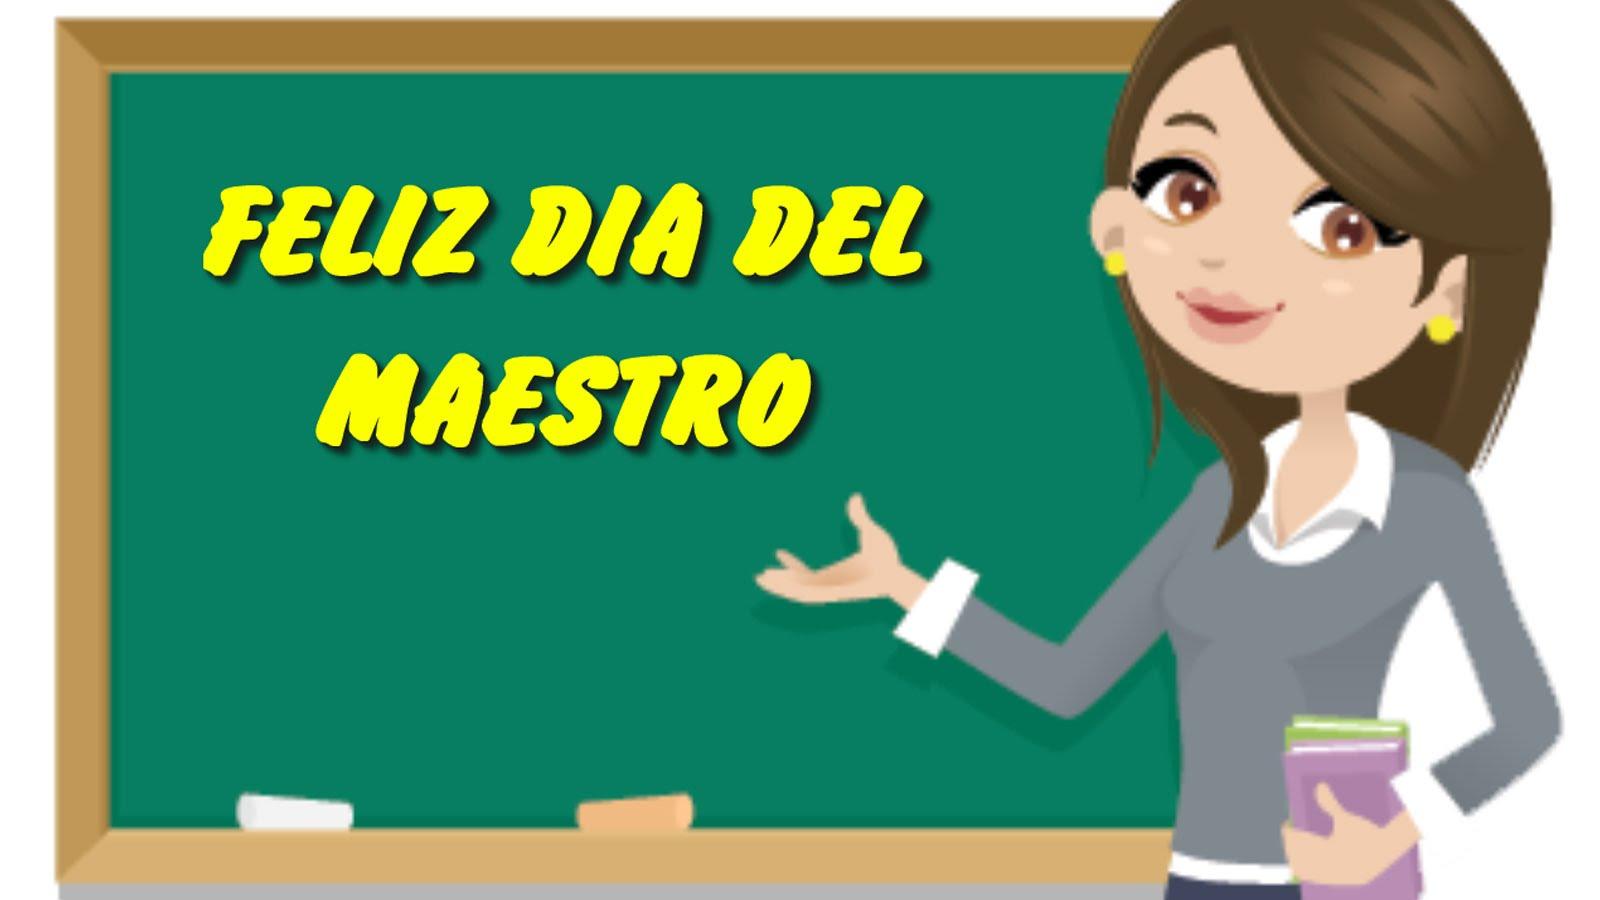 Por qué se celebra el día del maestro boliviano? | Urgentebo